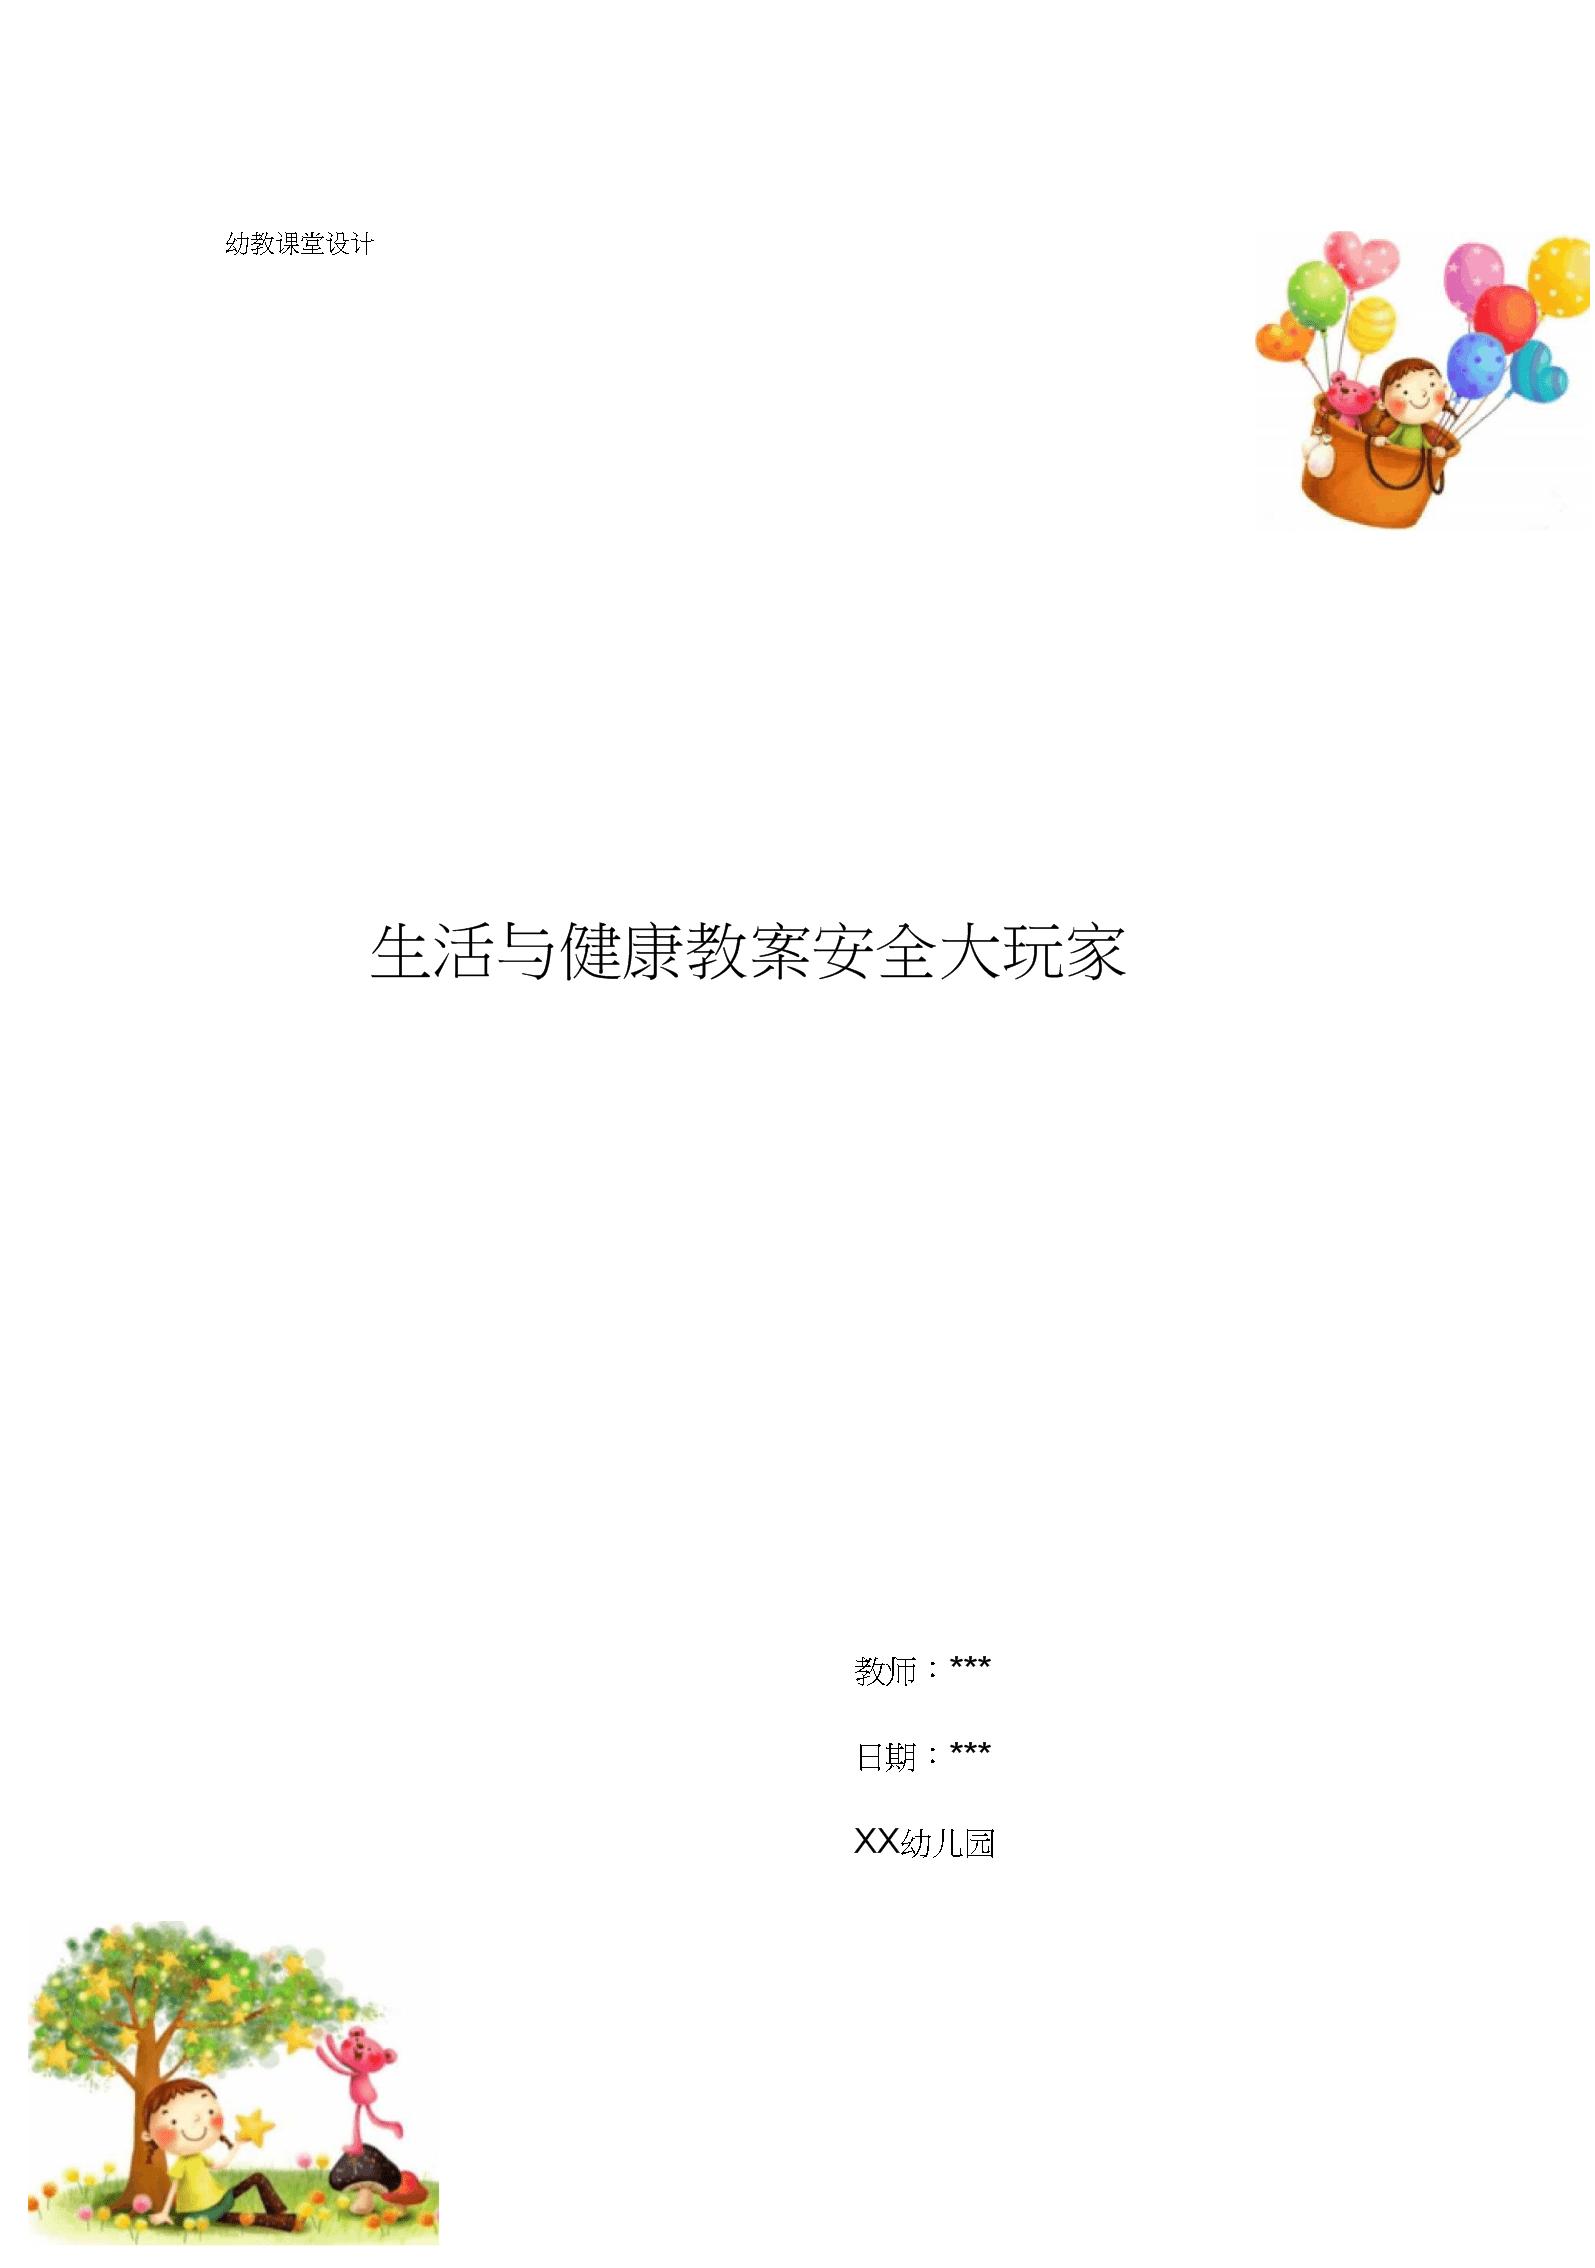 幼儿园生活与健康教案安全大玩家.docx